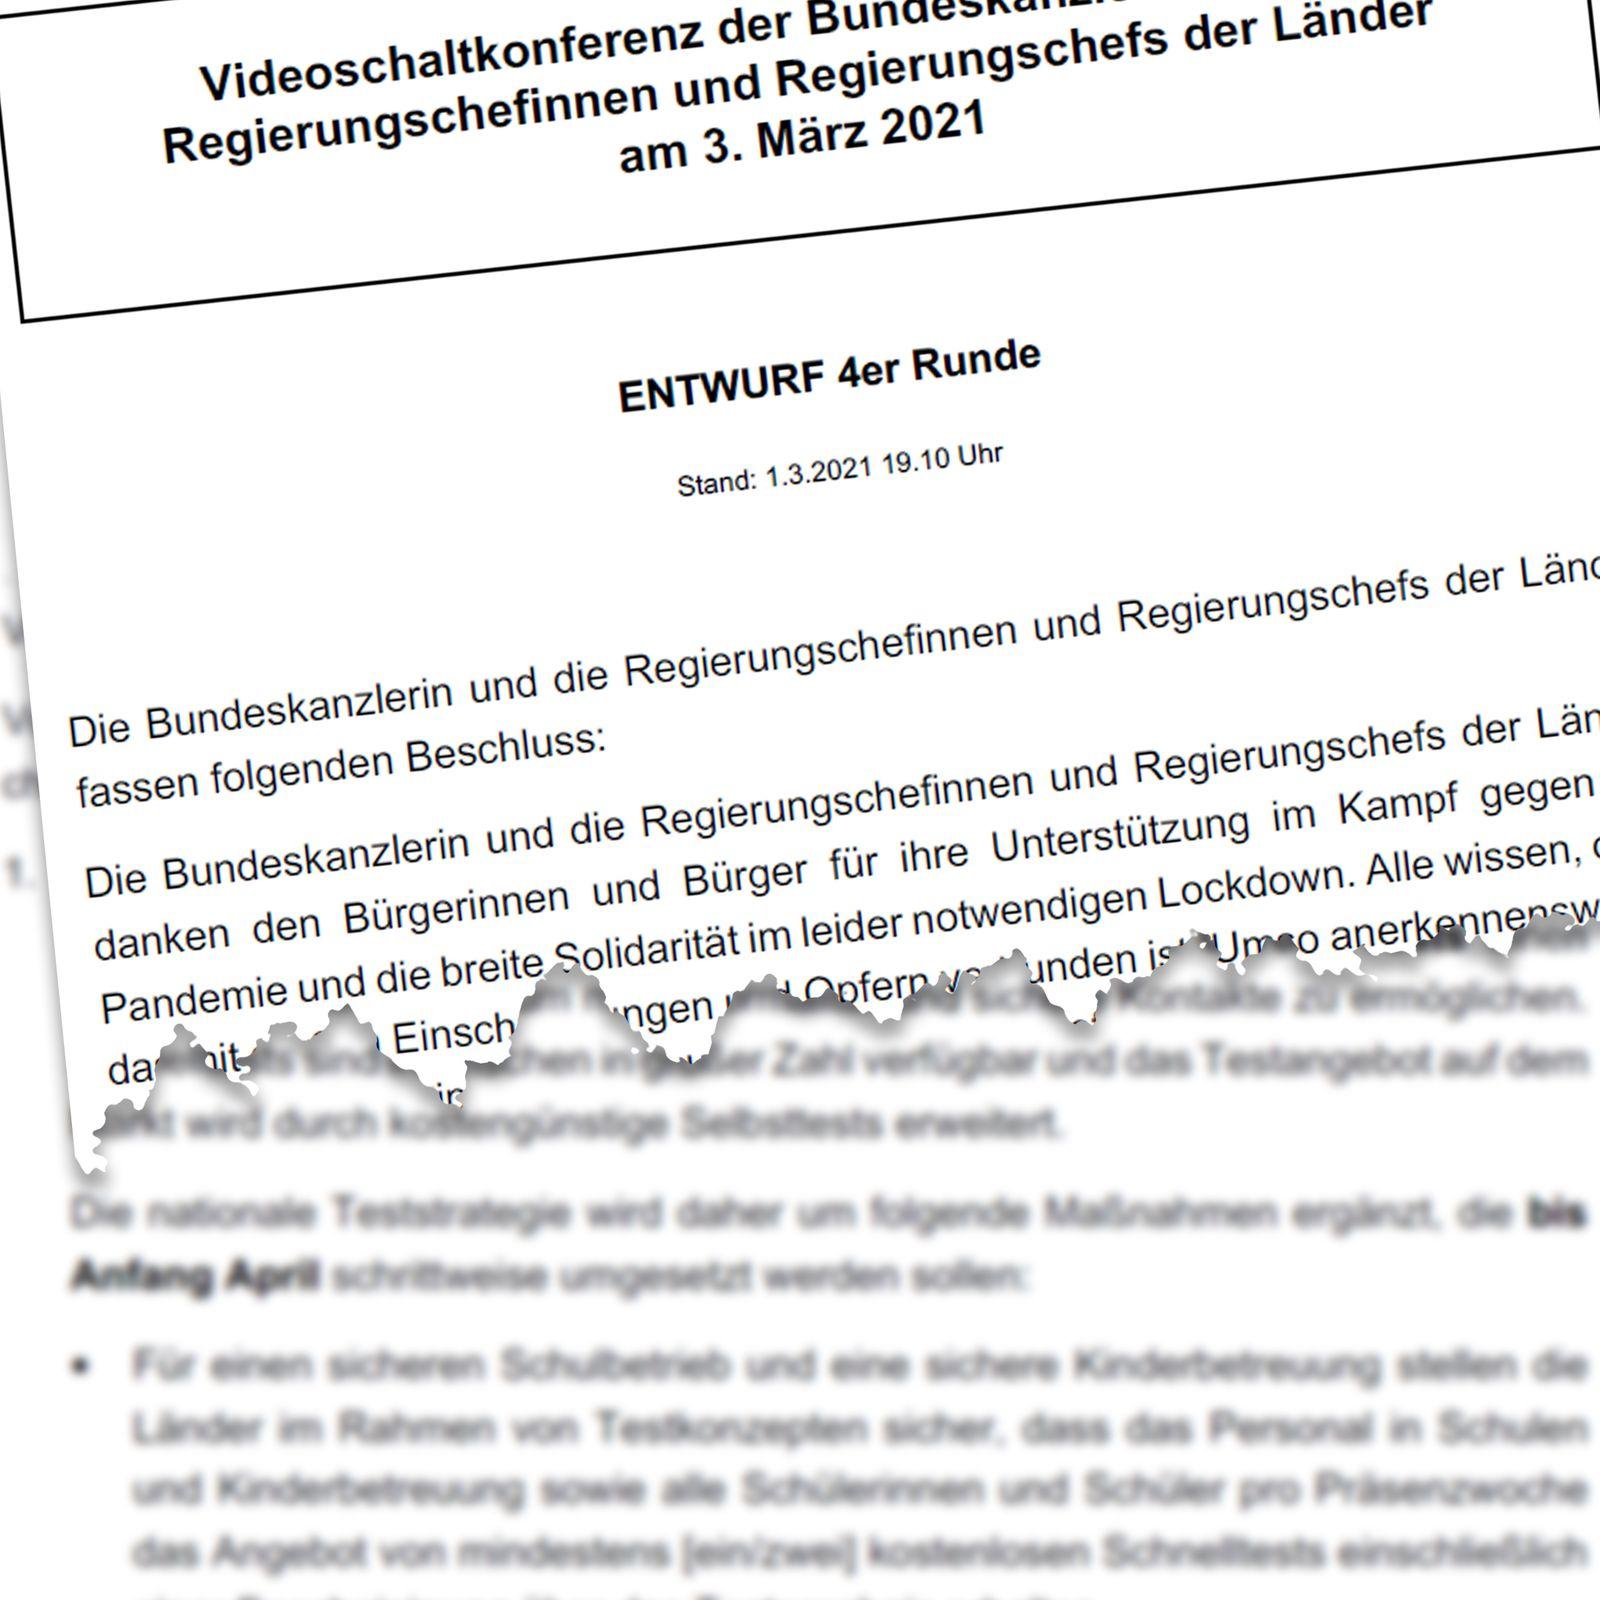 AUSRISS Telko Bundesregierung 28.10.2020